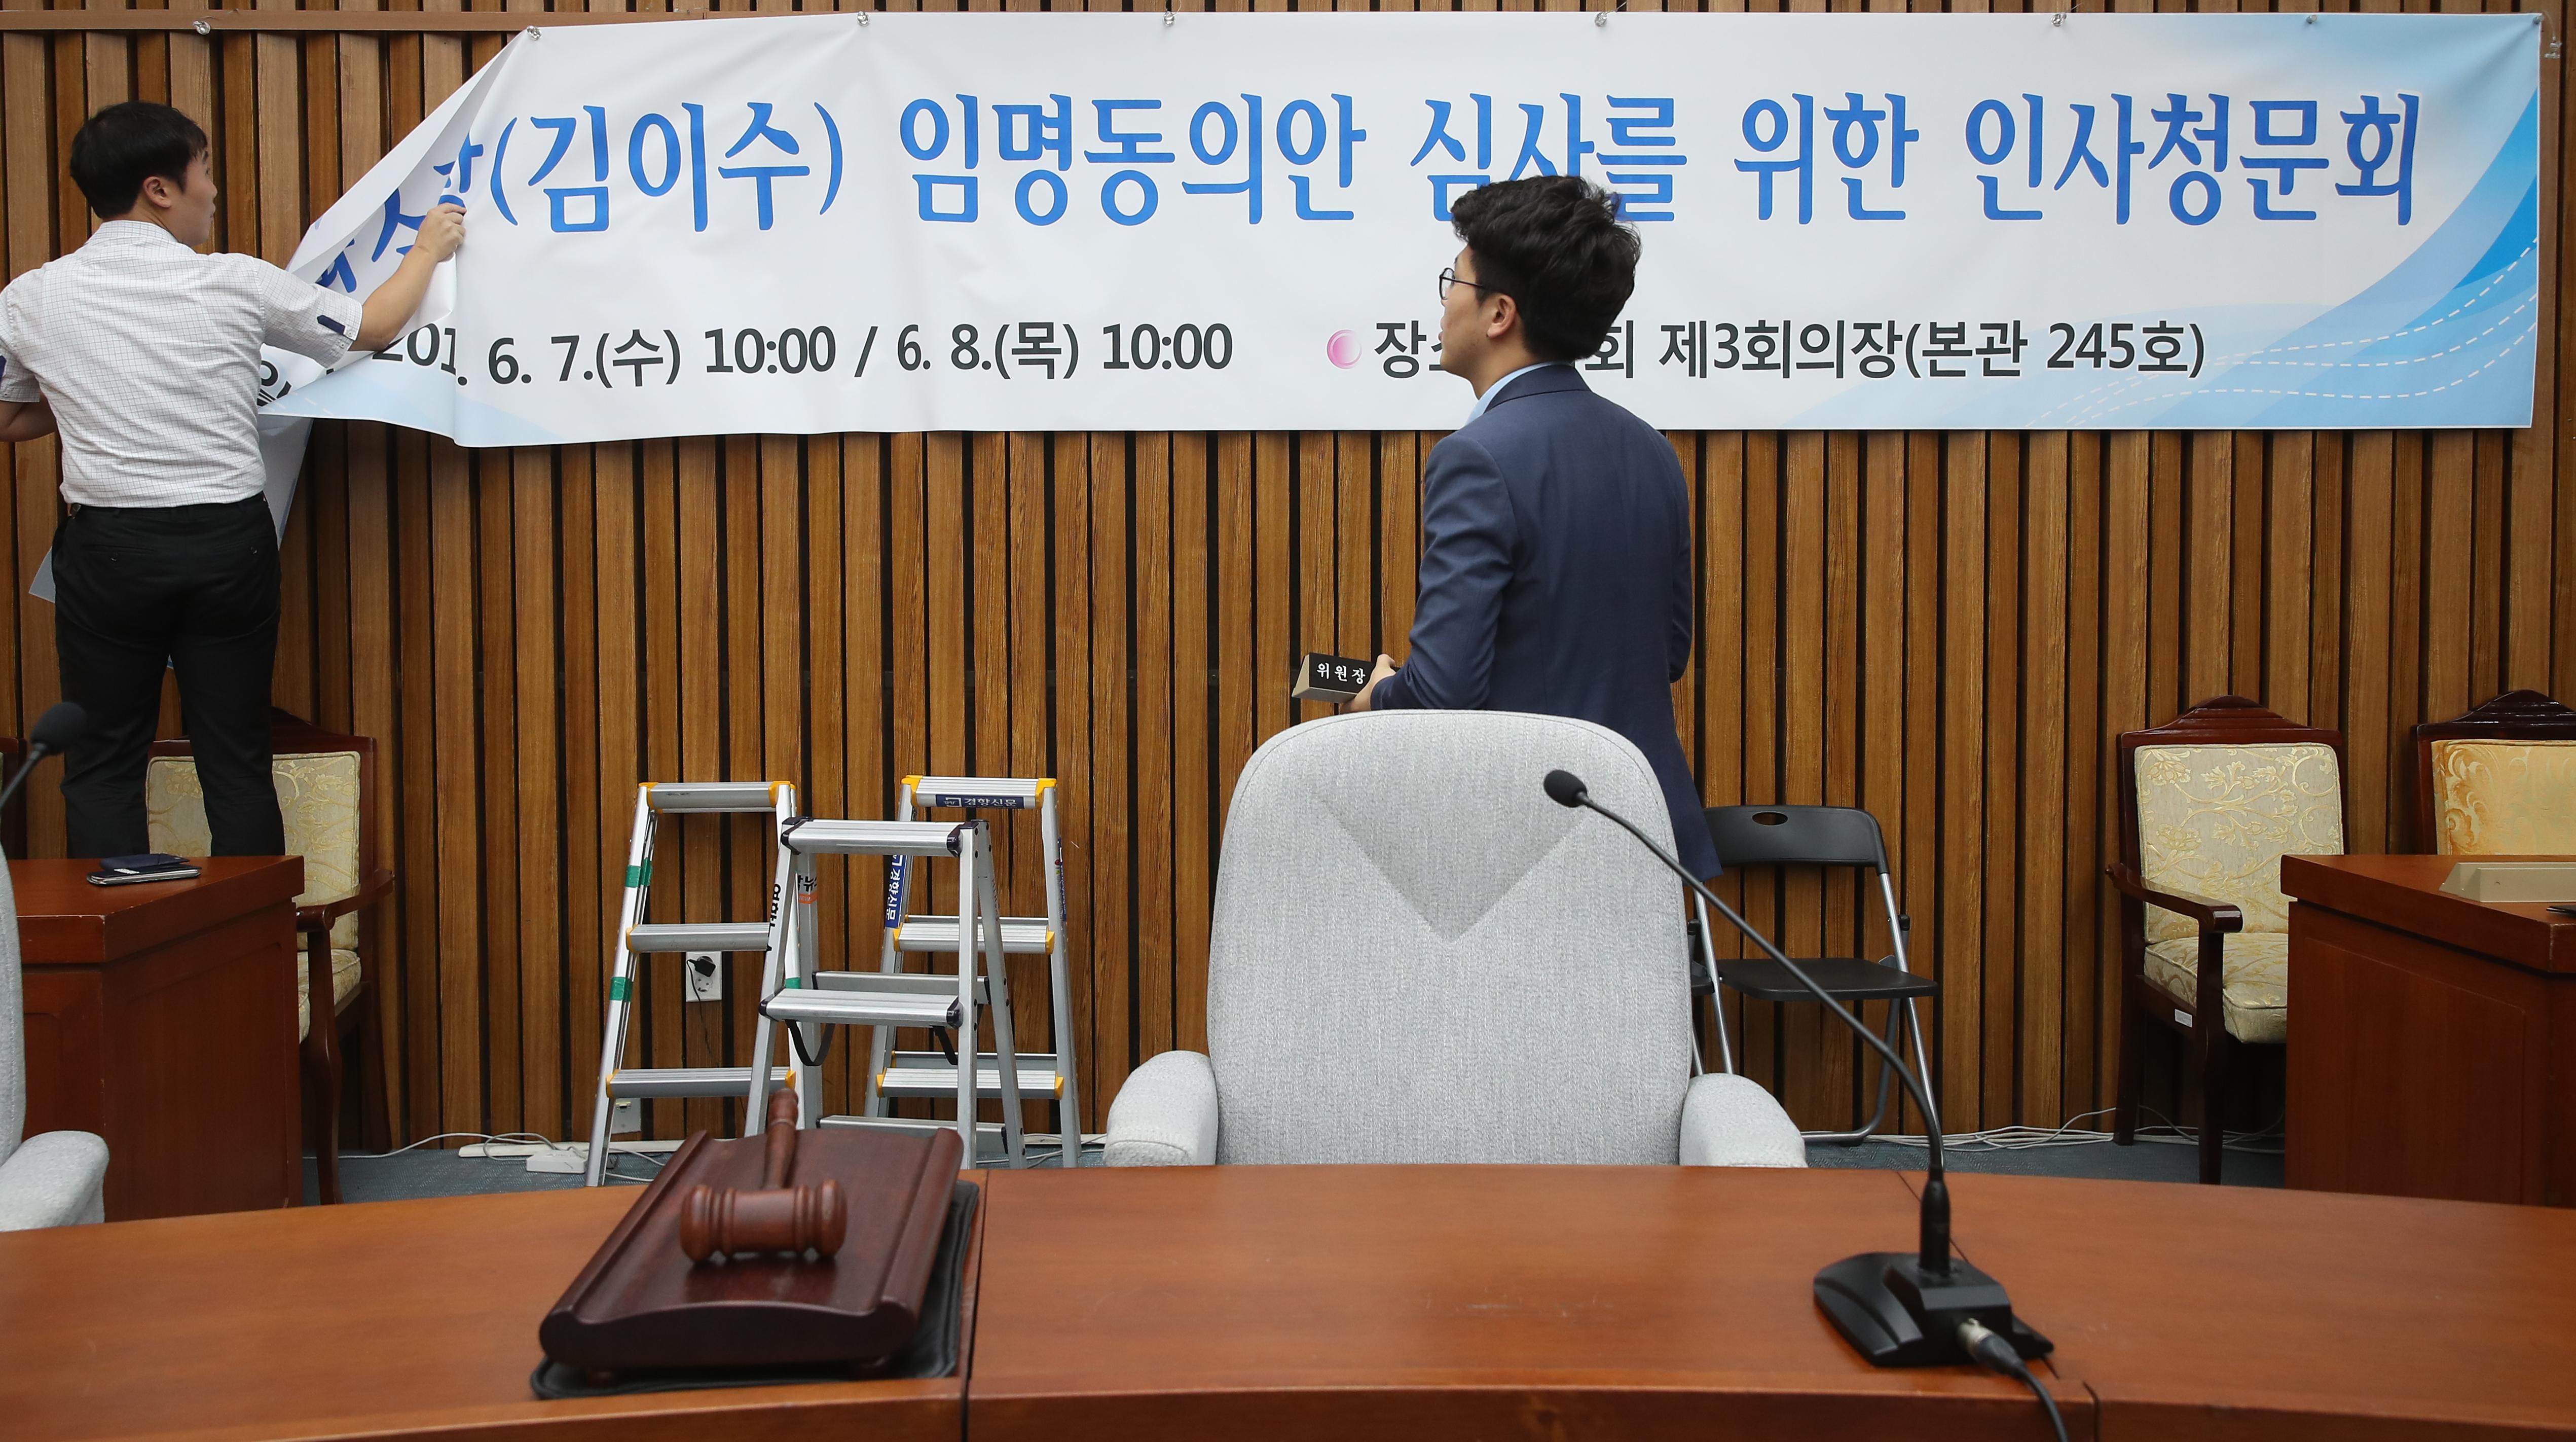 [인사] 헌재 수장 공백사태 연말까지 이어질듯…김명수 표결도 영향 가능성